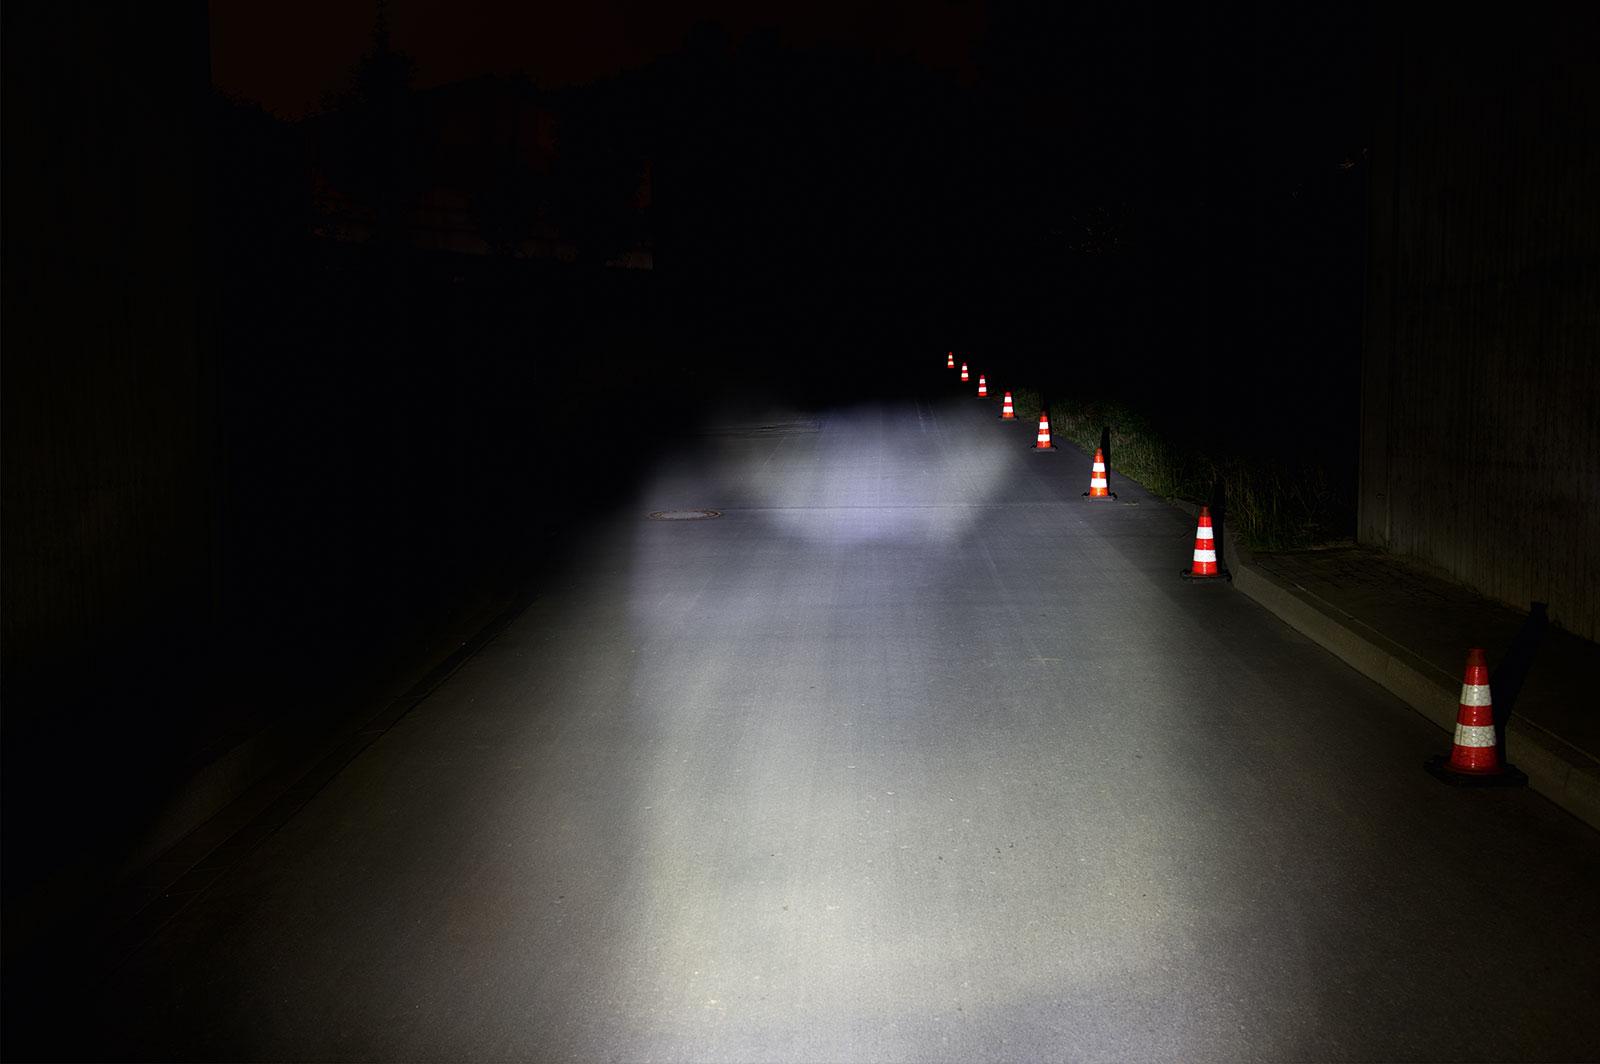 e-Bike Beleuchtung mit einer Lichtmenge von 30 LUX